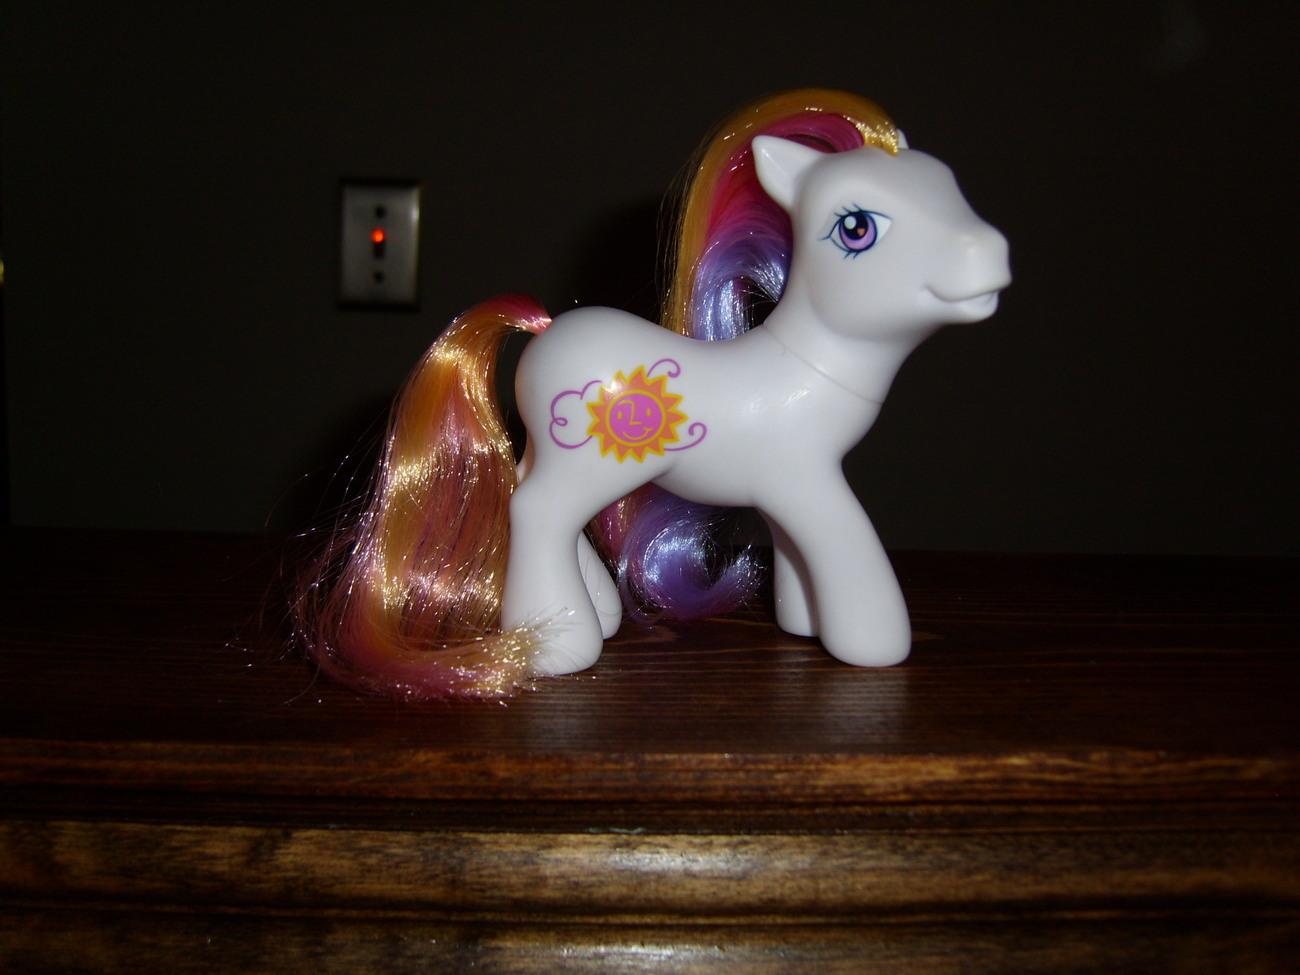 My little pony sunny daze iv